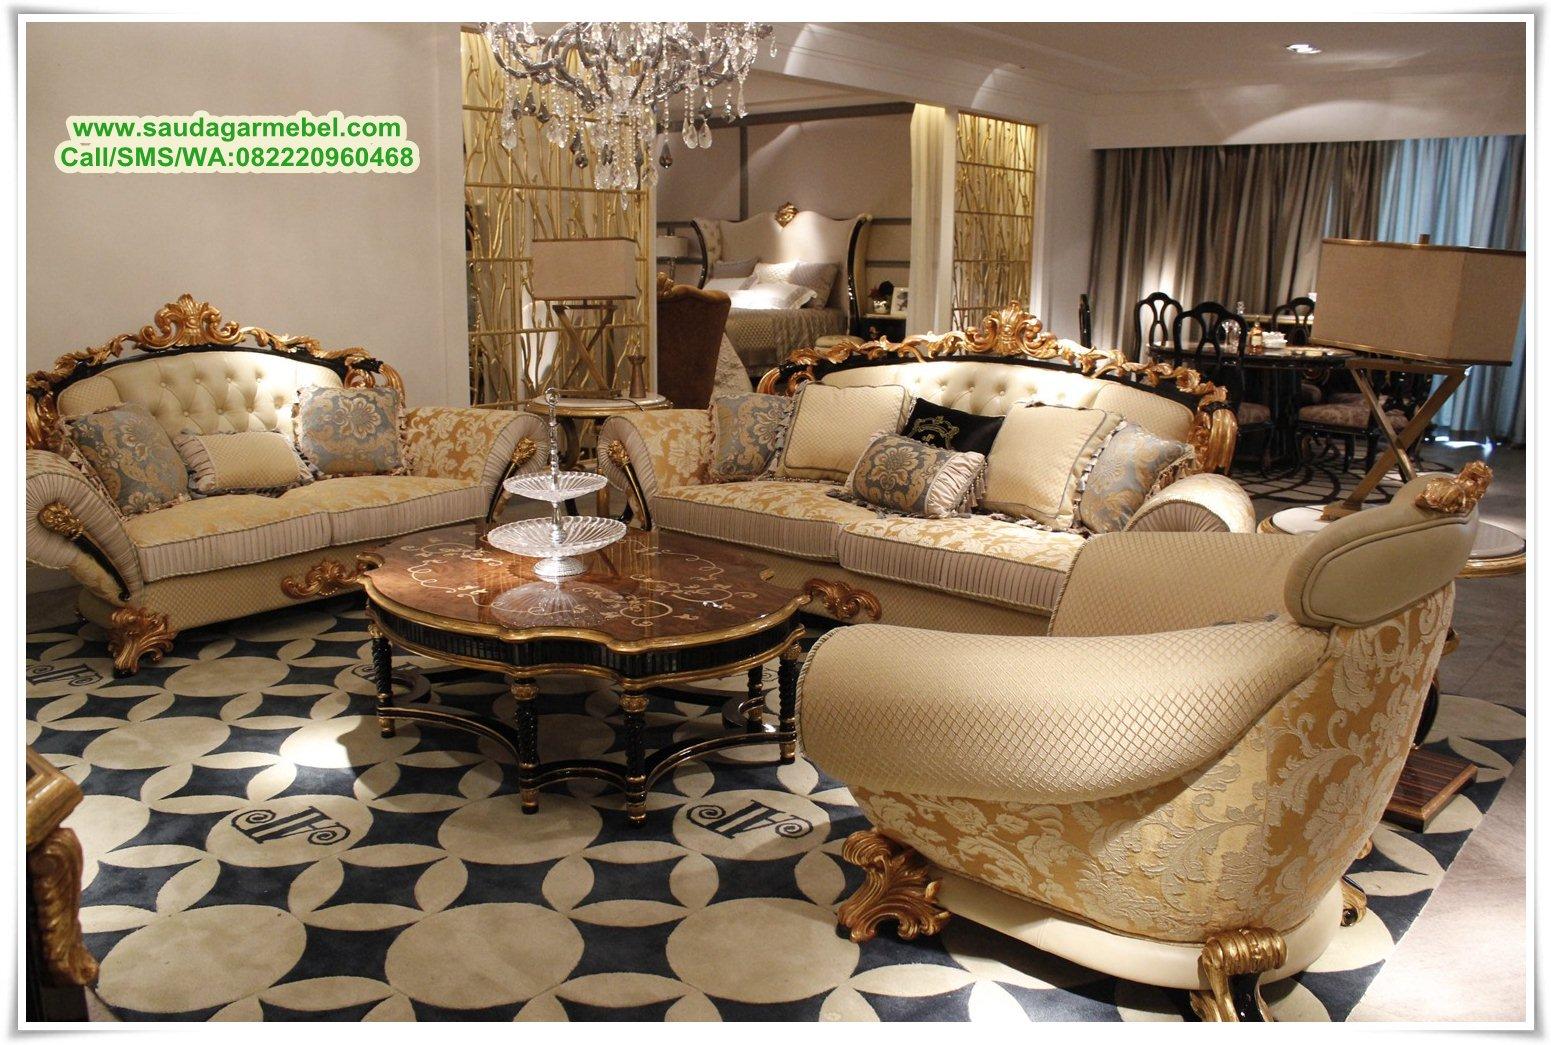 kursi sofa tamu victorian, kursi sofa tamu, kursi sofa, harga kursi sofa, daftar harga kursi sofa, kursi sofa tamu mewah ukiran jepara, sofa tamu mewah, sofa tamu klasik, gambar sofa ruang tamu terbaru, kursi tamu jepara, kursi tamu mewah, sofa jati minimalis, harga sofa tamu jepara, sofa jepara terbaru, sofa jati mewah, sofa jepara modern, set sofa tamu klasik, gambar mebel jepara, jual furniture sofa tamu, sofa klasik mewah, sofa mewah terbaru, harga kursi ruang tamu, harga kursi ruang tamu mewah, toko online furniture, toko online mebel, furniture jepara, mebel jepara, mebel minimalis, furniture minimalis, furniture minimalis jepara, saudagar mebel